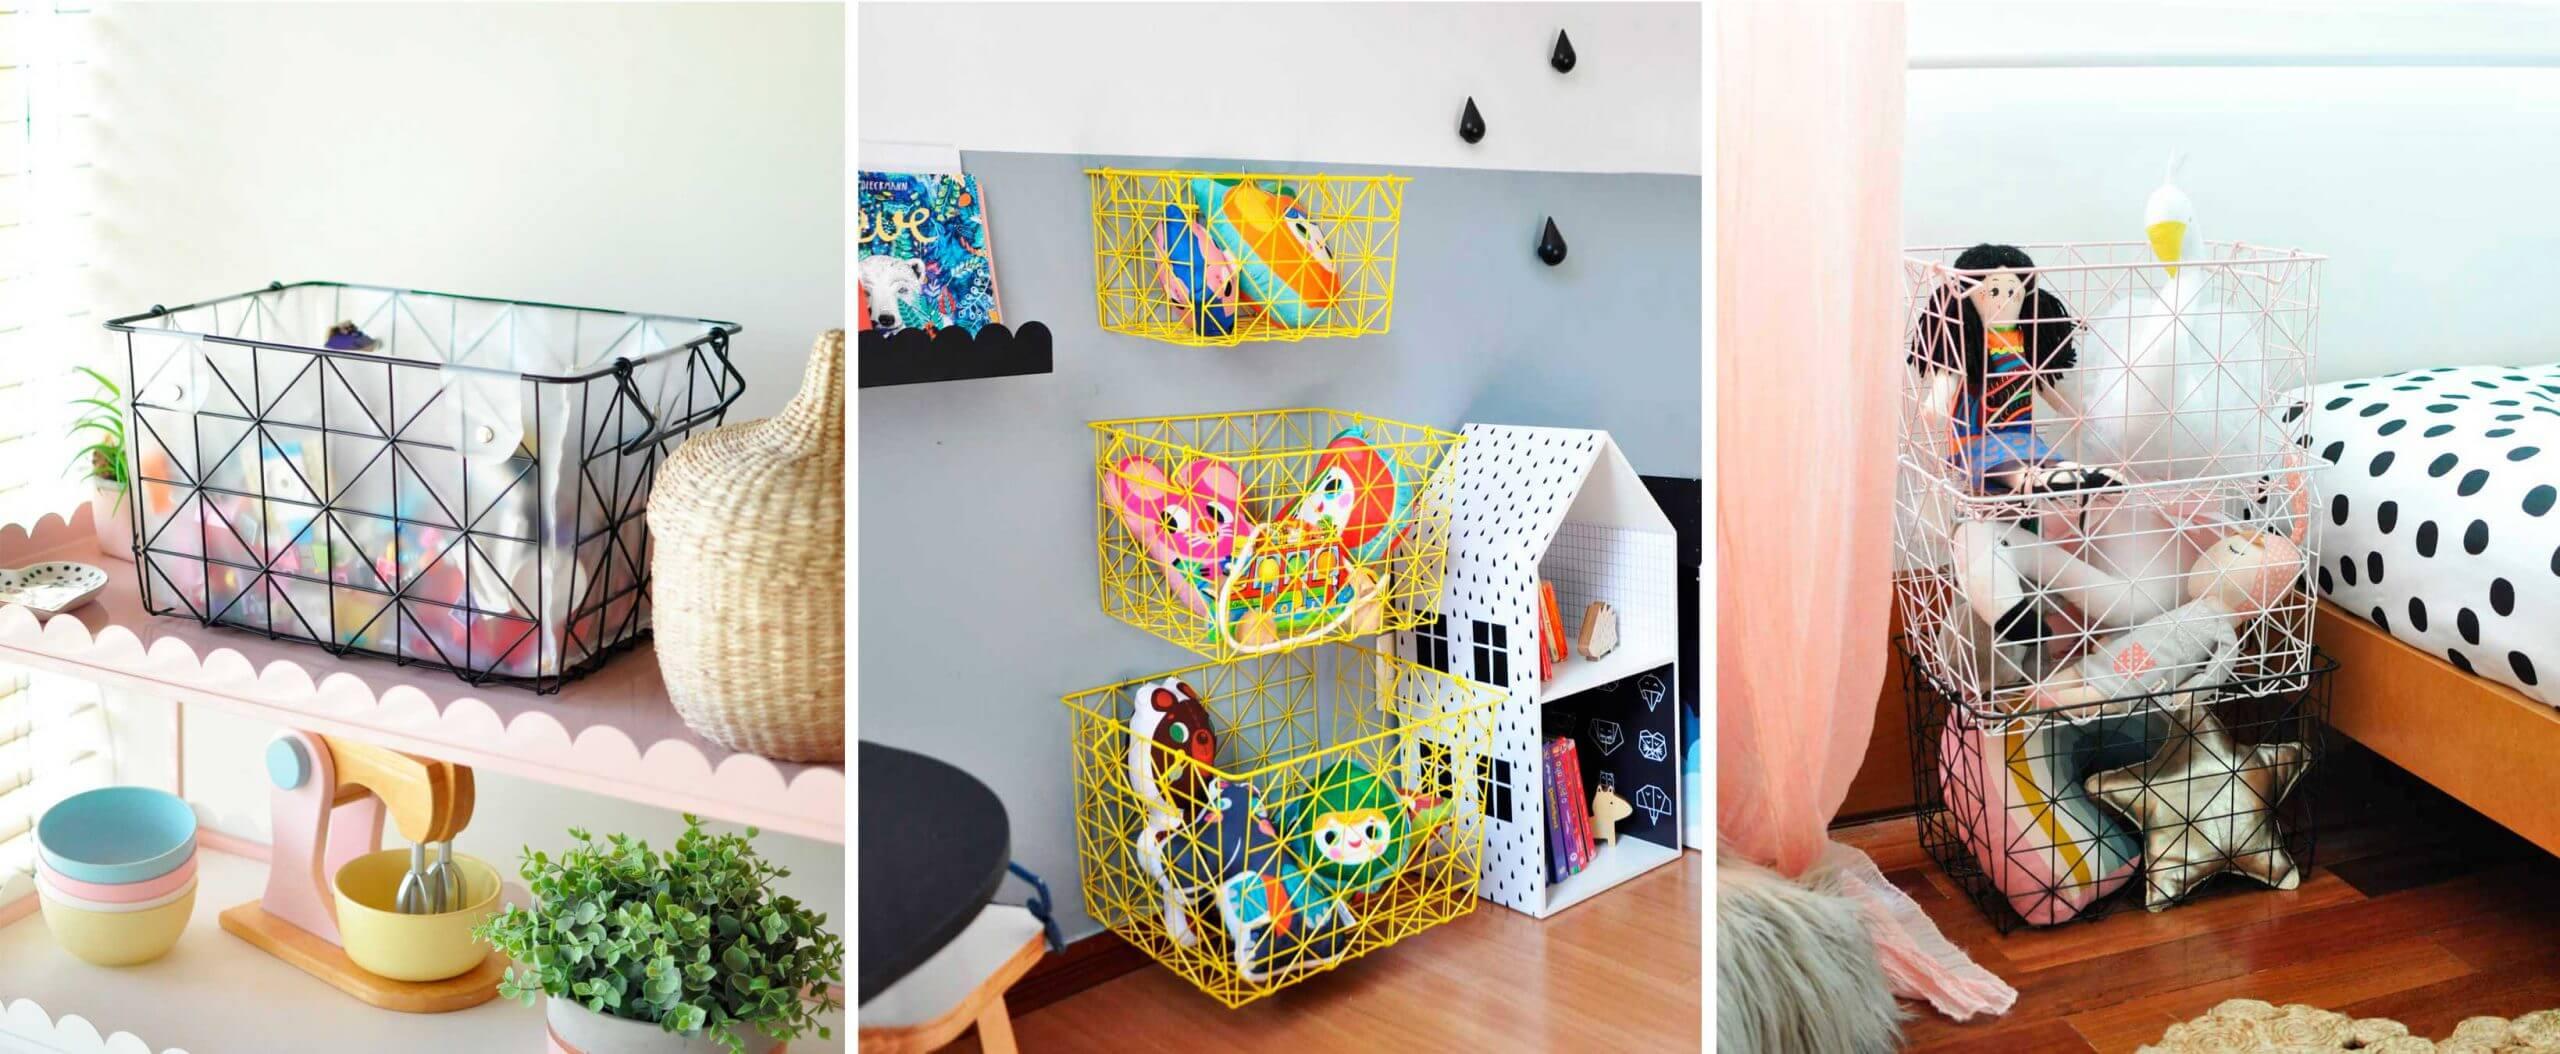 Imagem ilustrativa de diferentes maneiras de utilizar a caixa aramada organizadora.